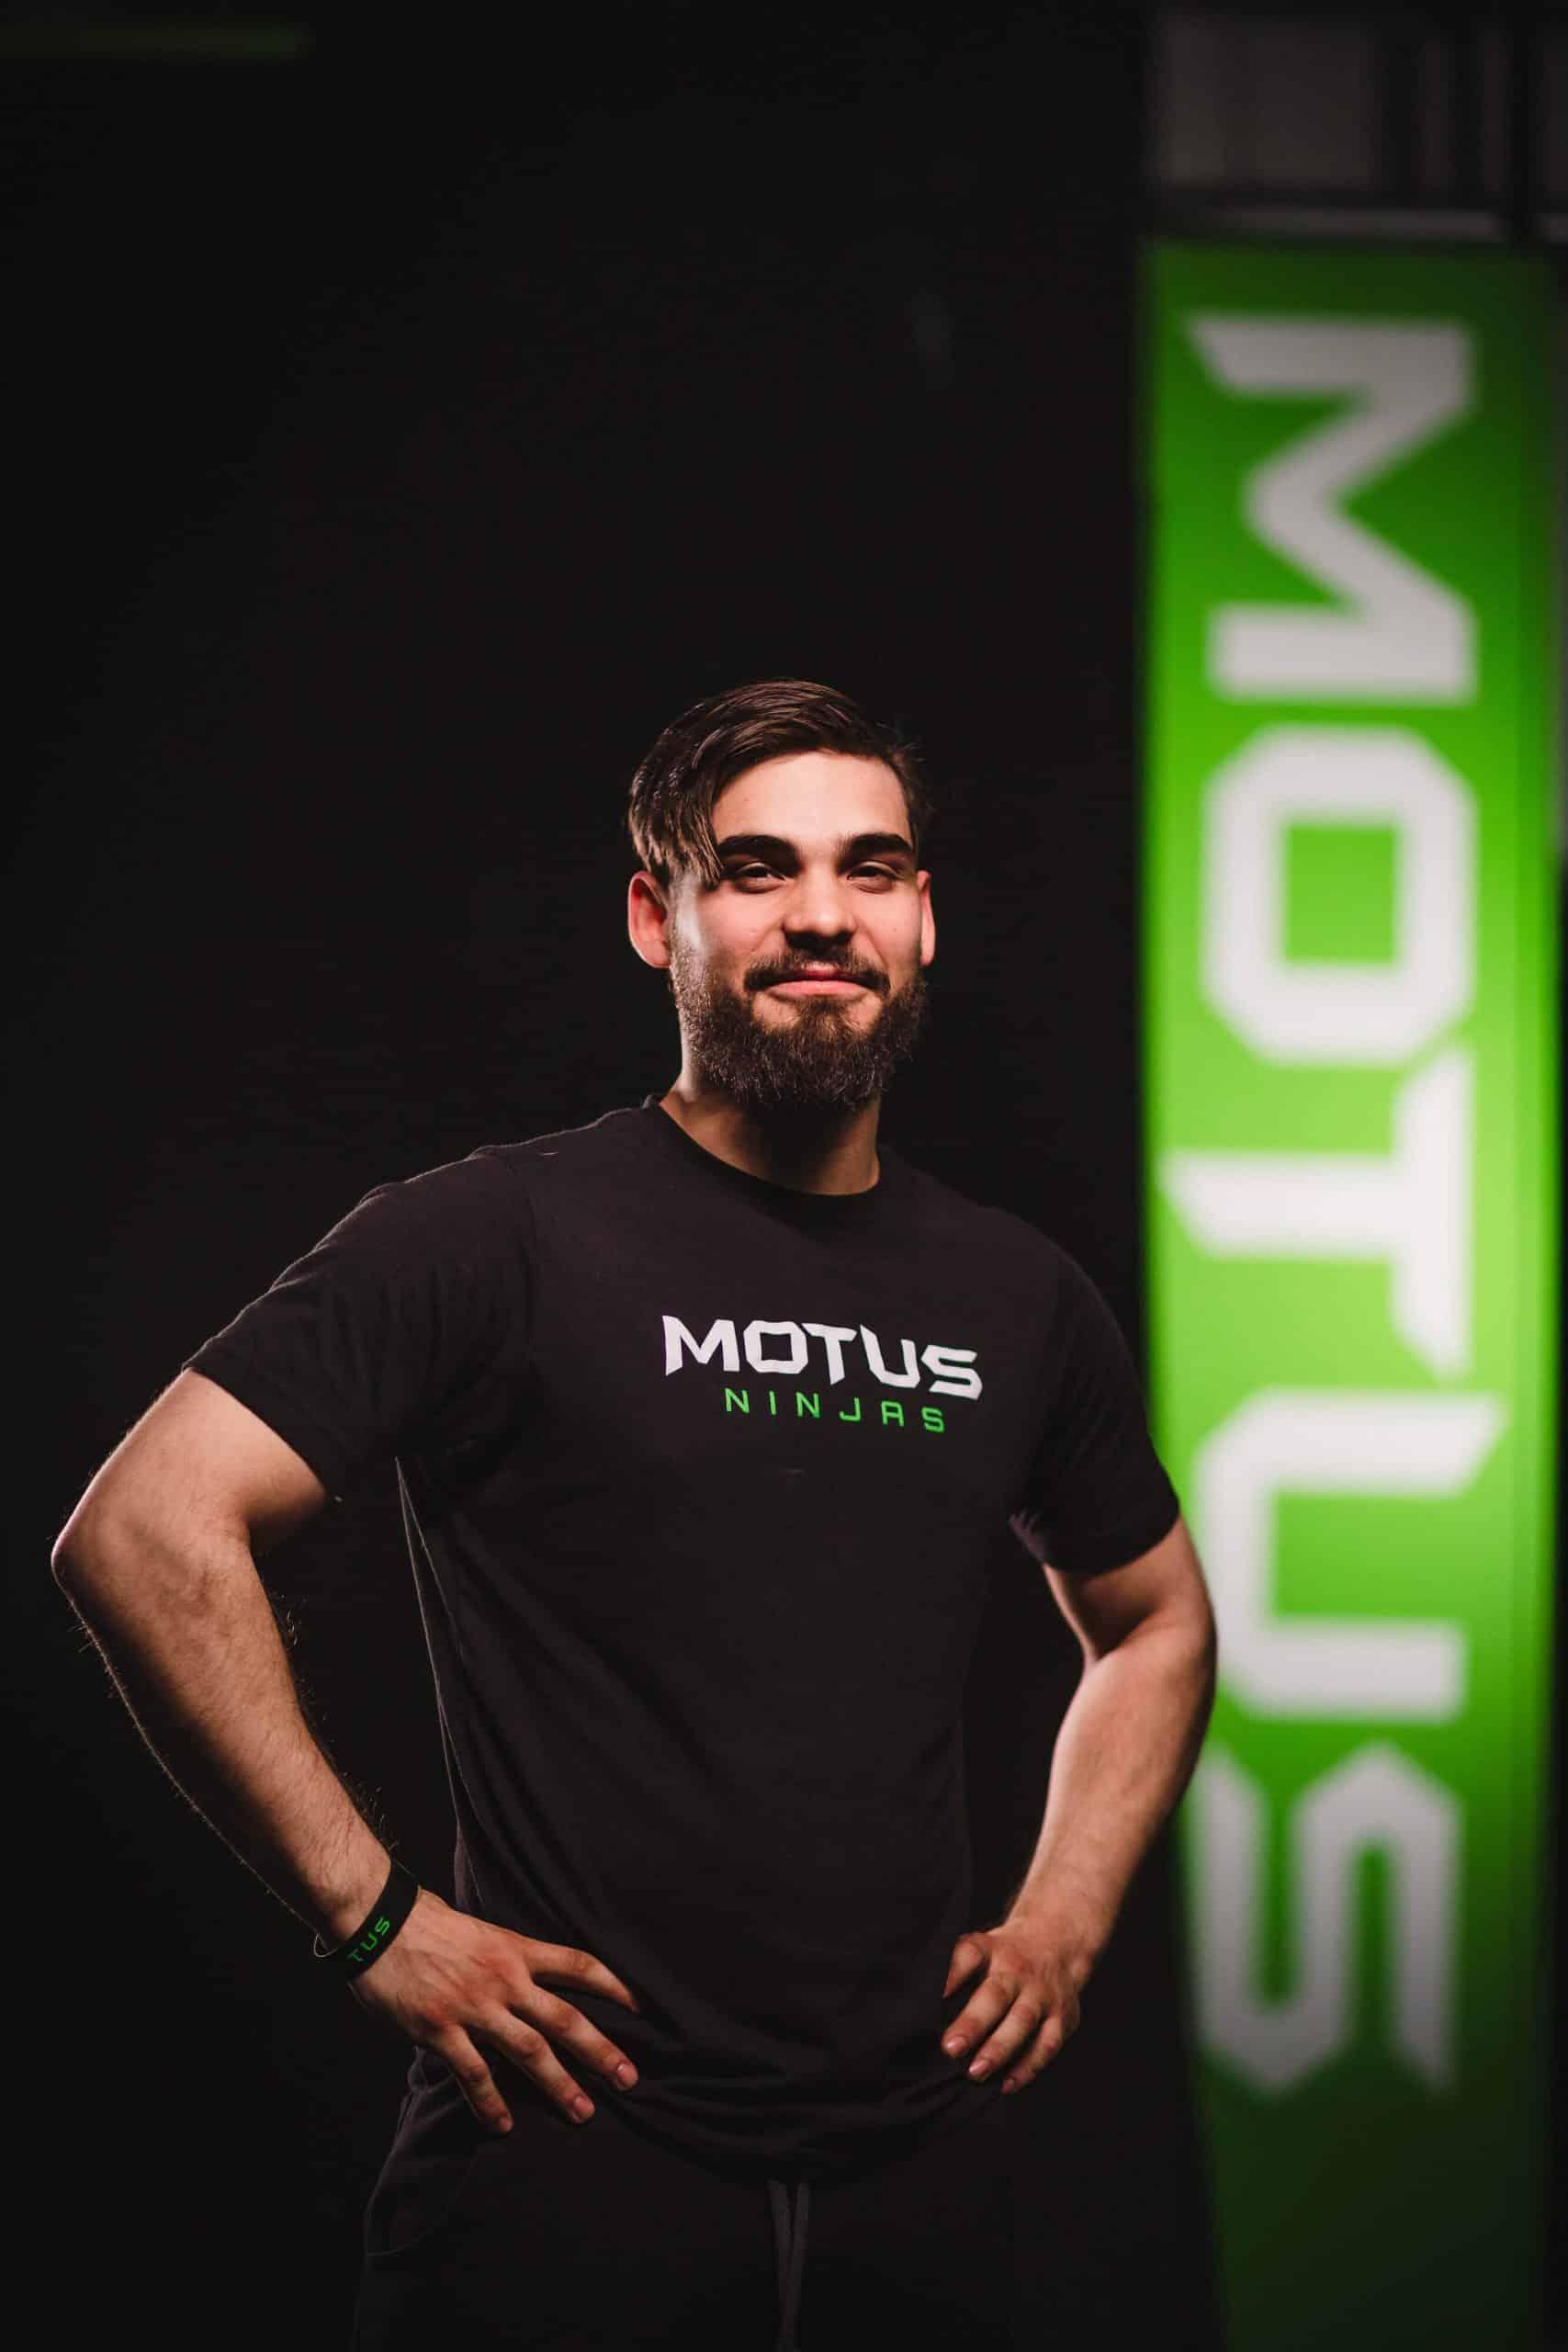 Motus- Curtis